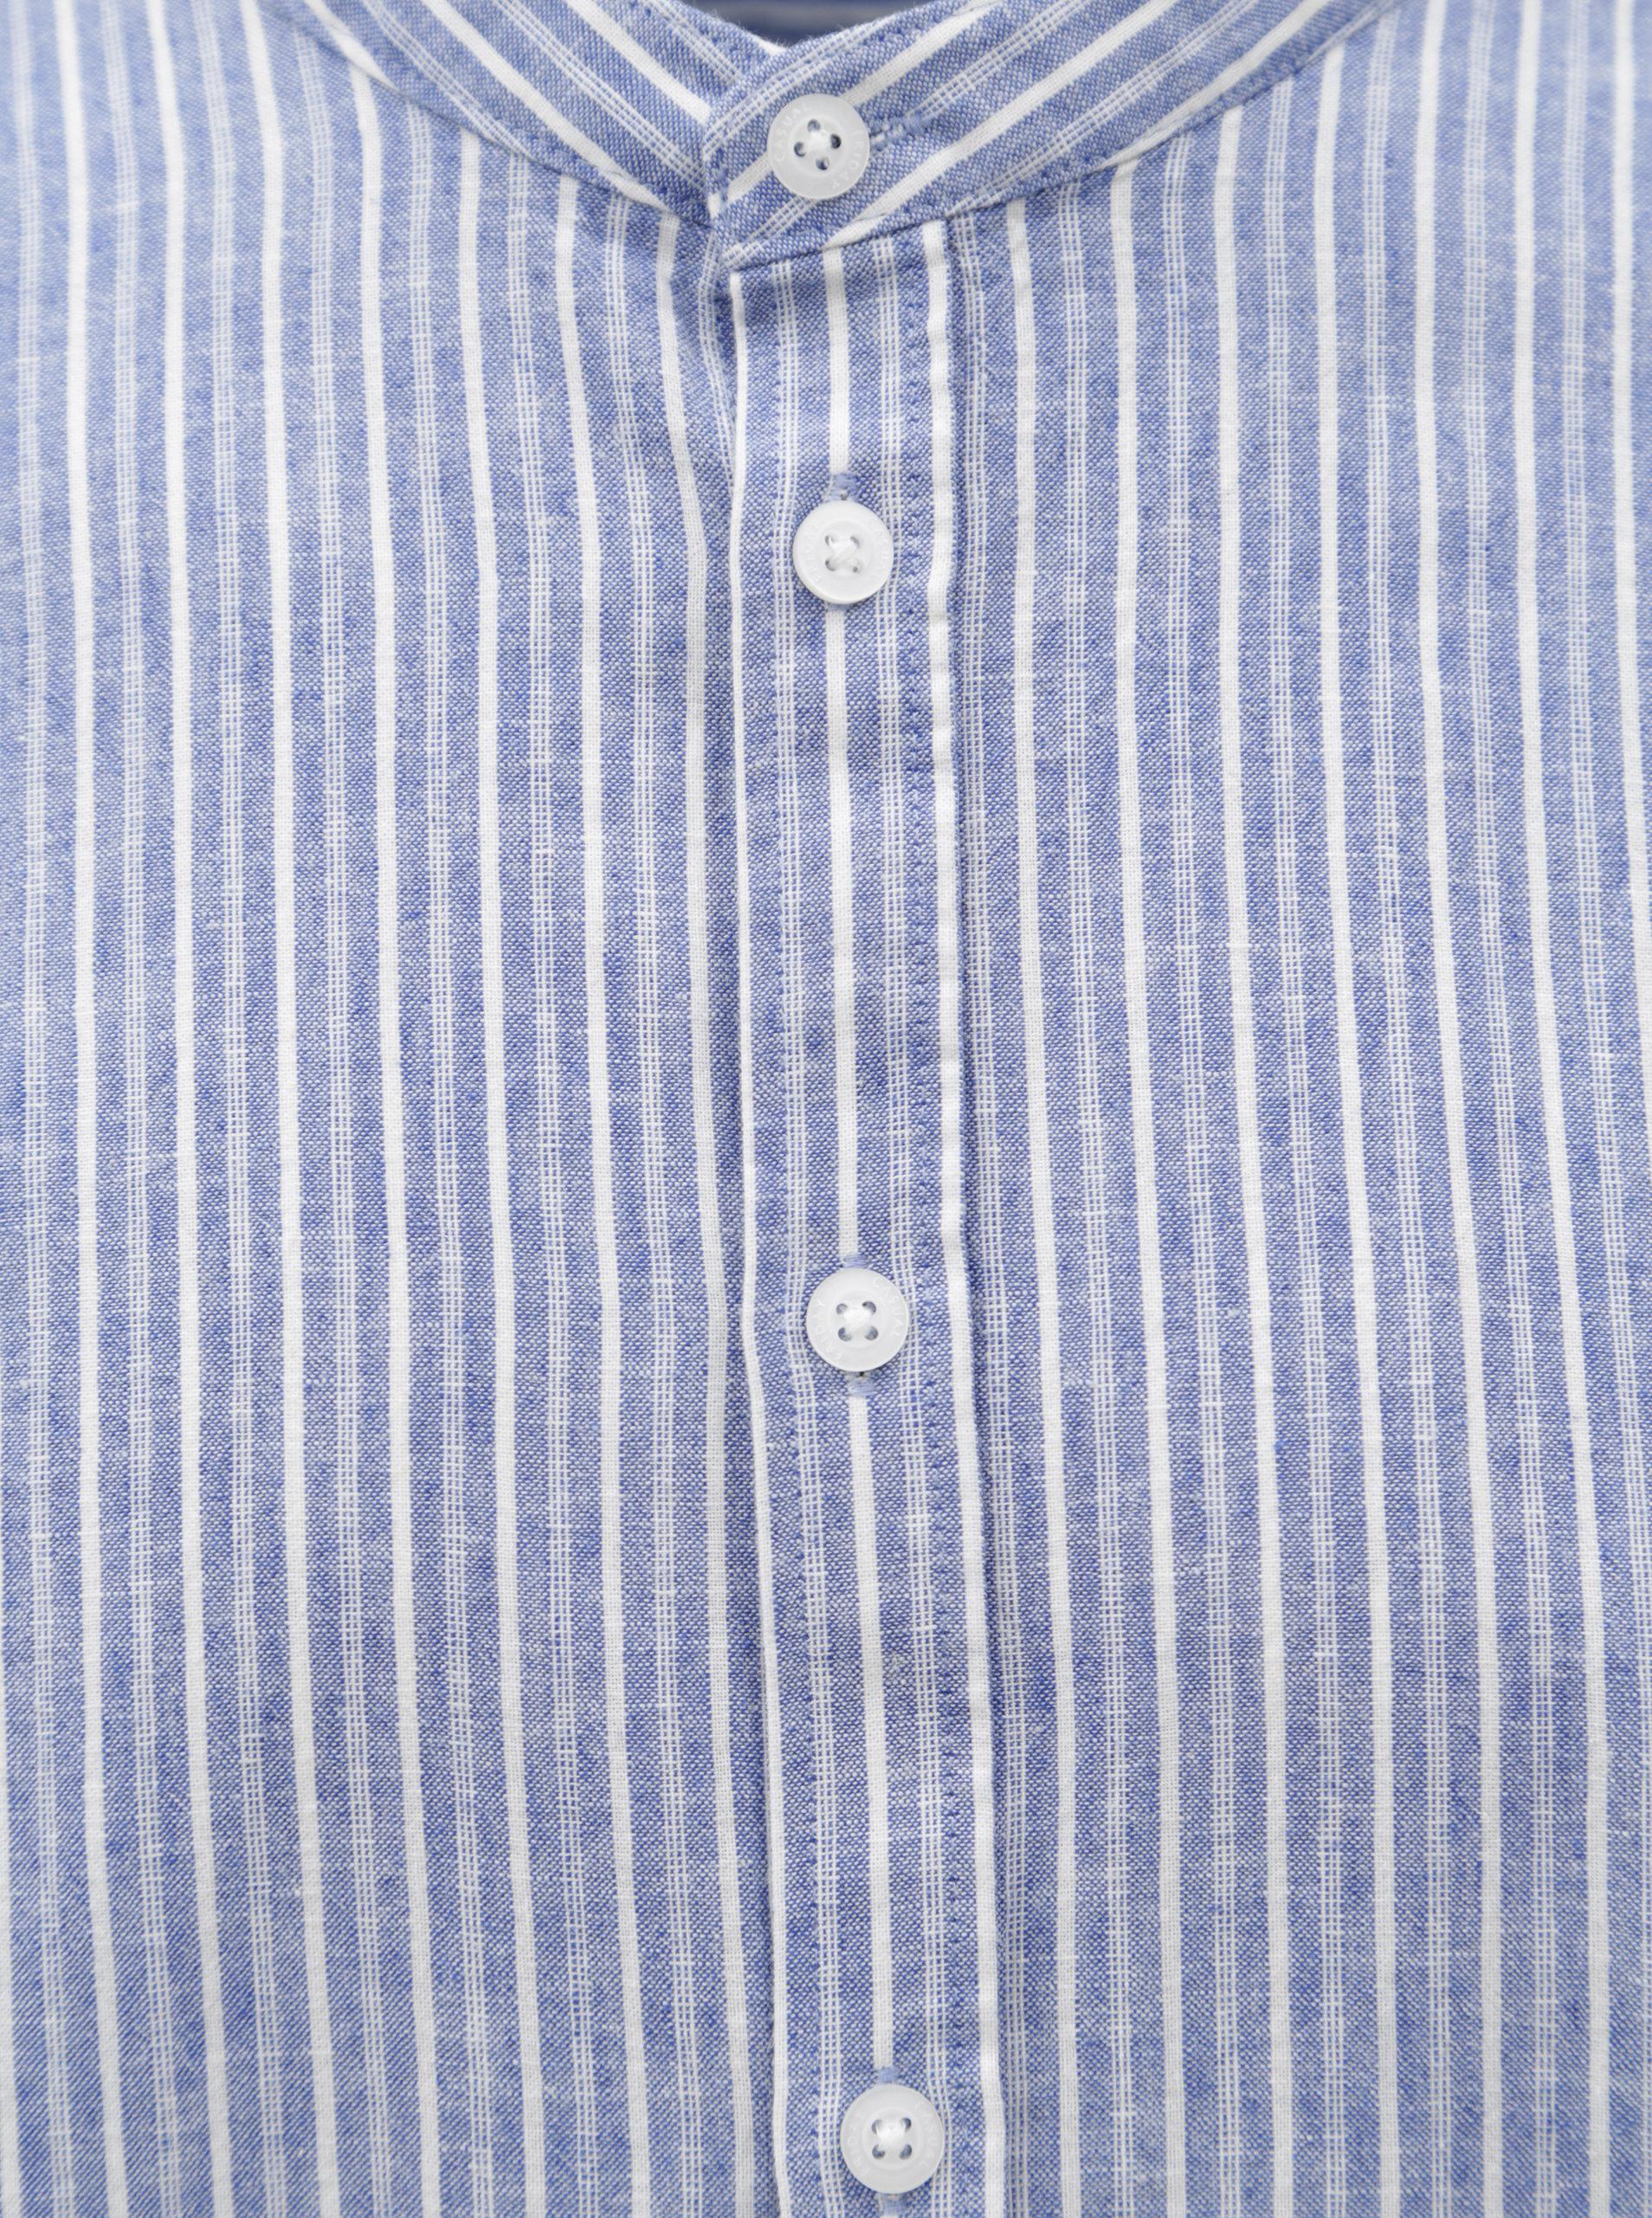 Modrá pruhovaná regular fit košile bez límečku Casual Friday by Blend ... de66aff841